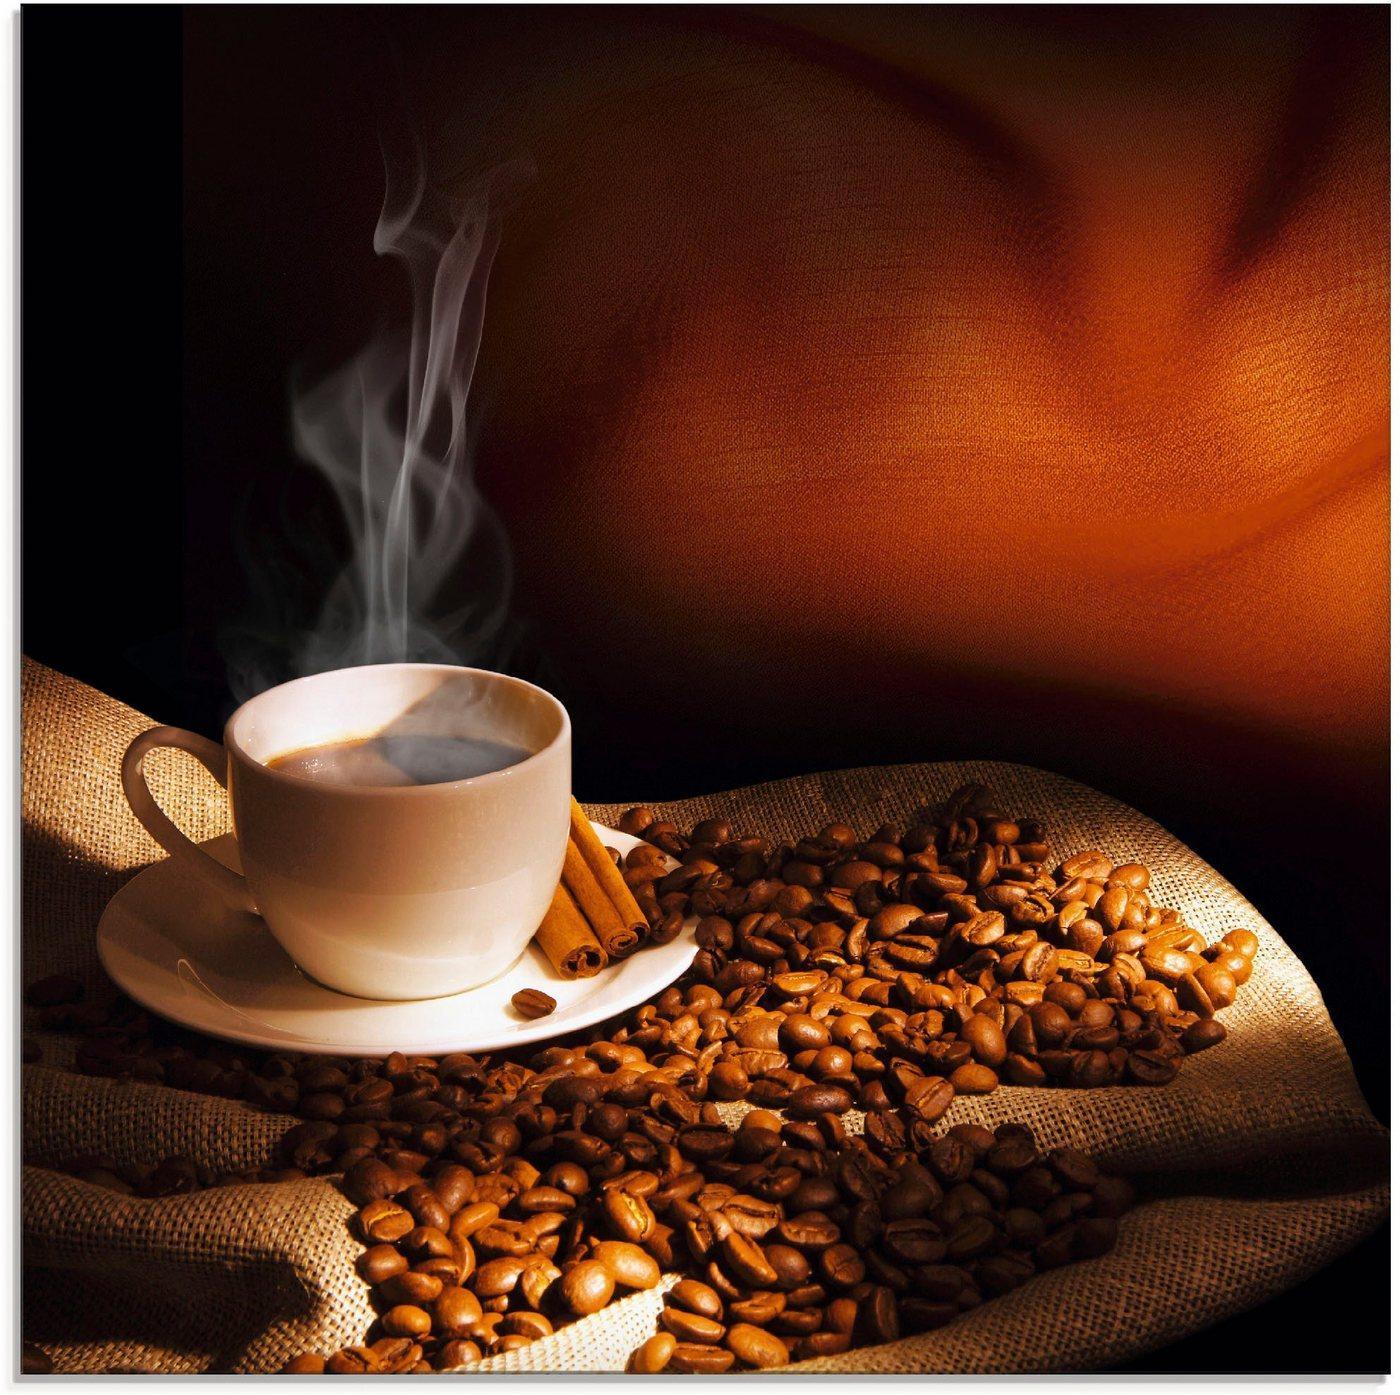 Artland Glasbild »Dampfende Tasse Kaffee«, Getränke (1 Stück)